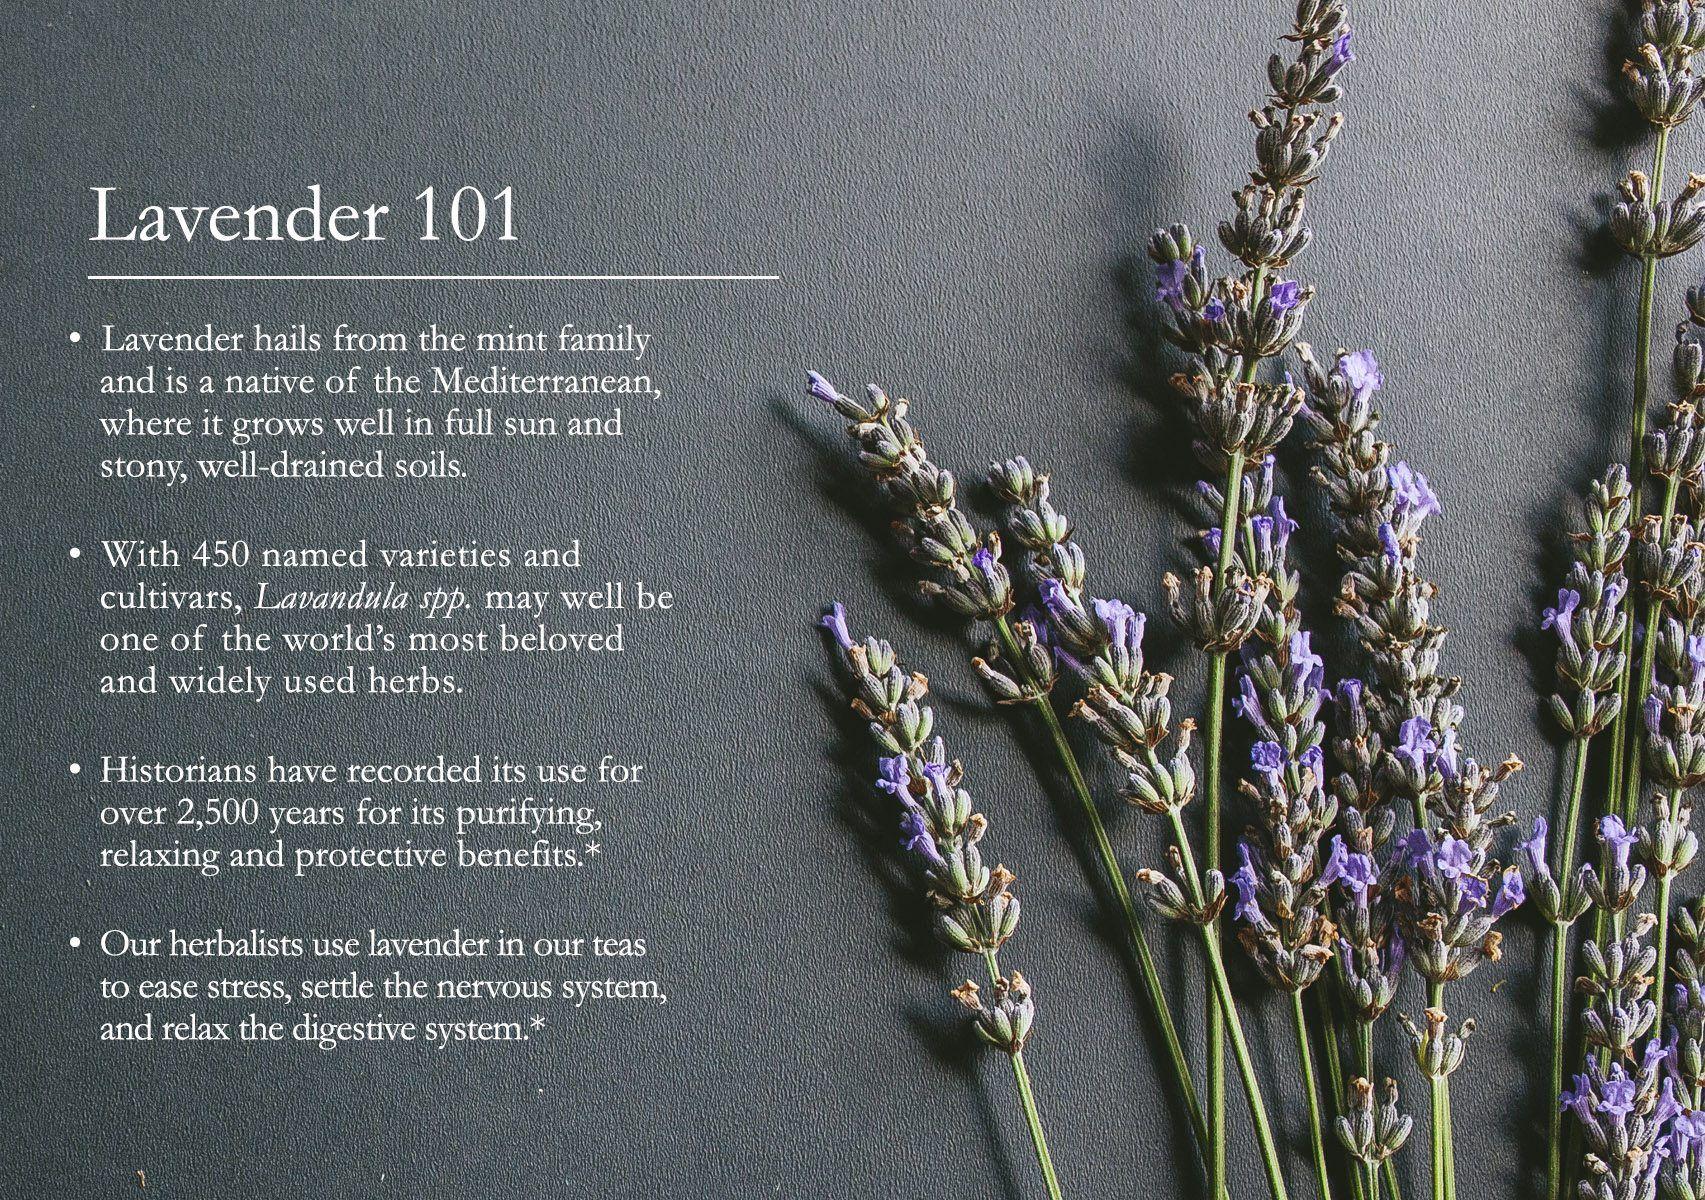 Lavender 101 In 2020 Herbalism Herbal Medicine Herbal Bath